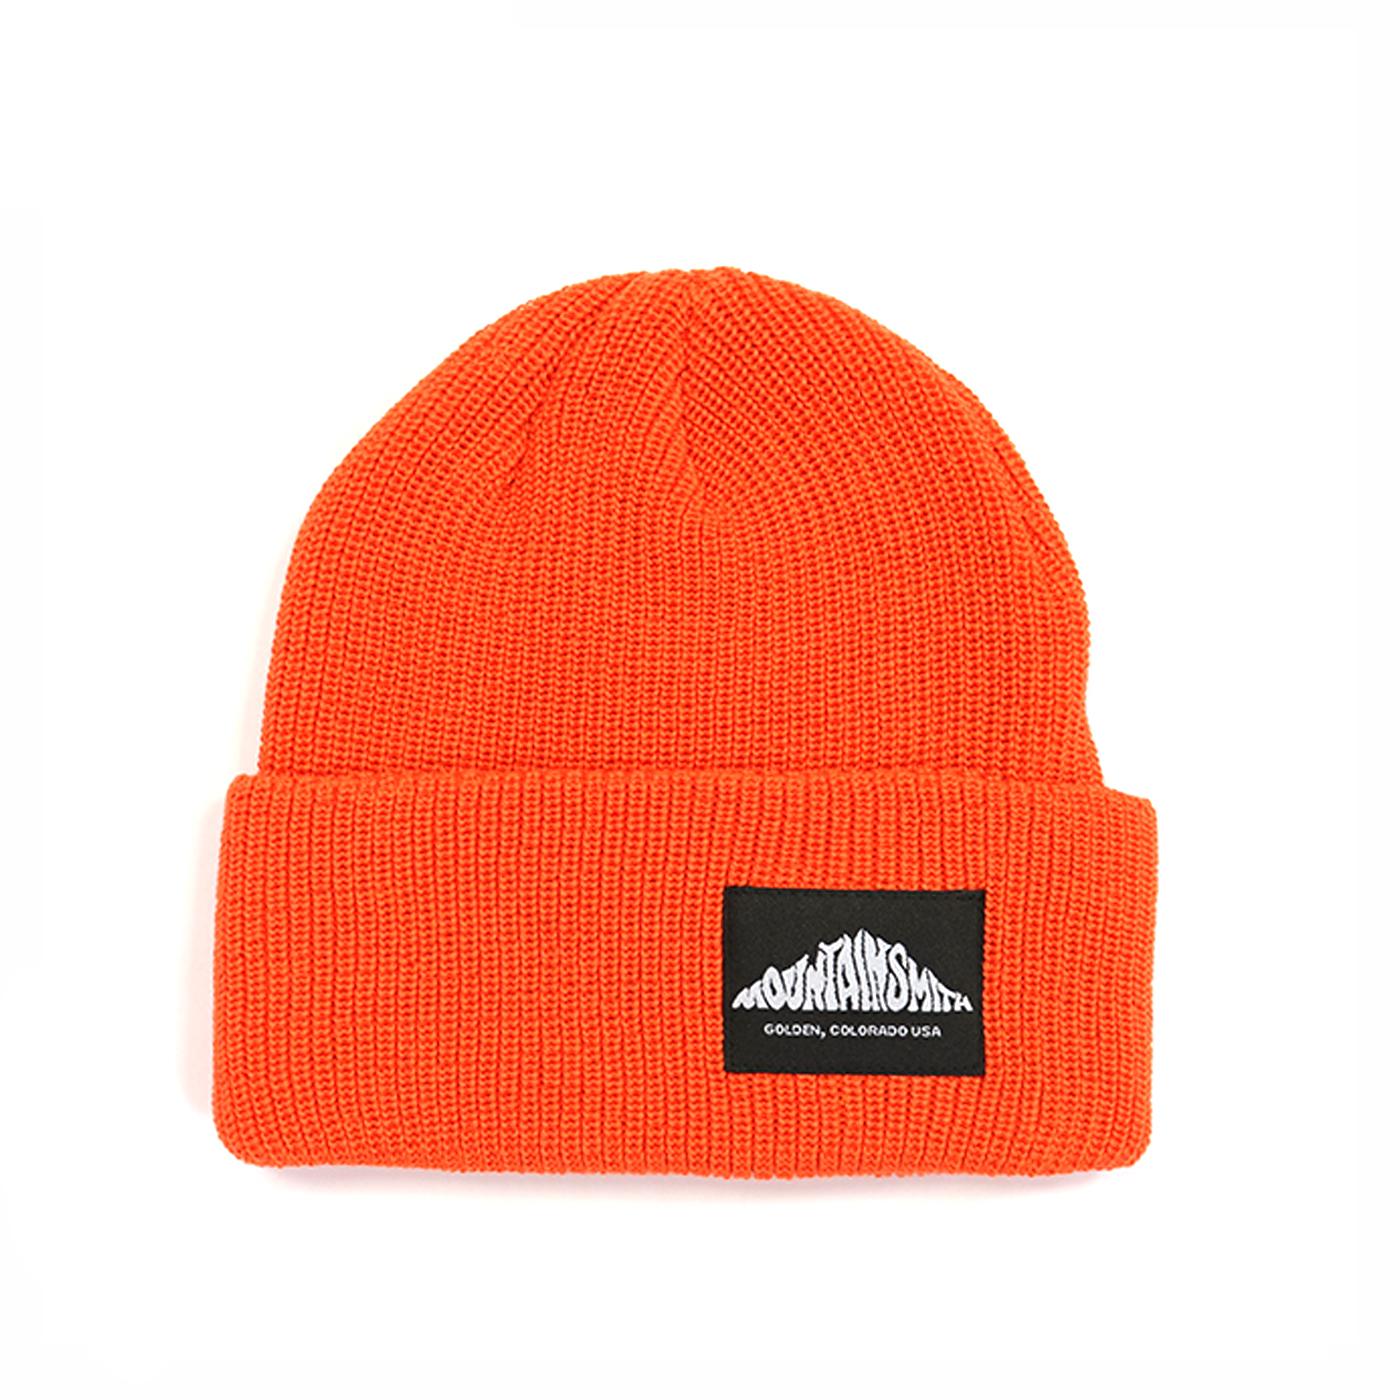 product: LOGO KNIT CAP / color: ORANGE 1